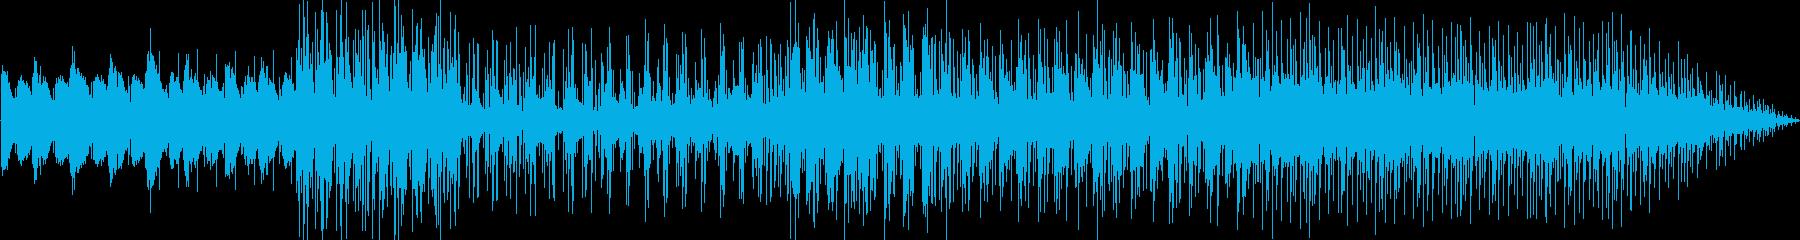 ゆっくりとしたグルーヴィーなラテン...の再生済みの波形